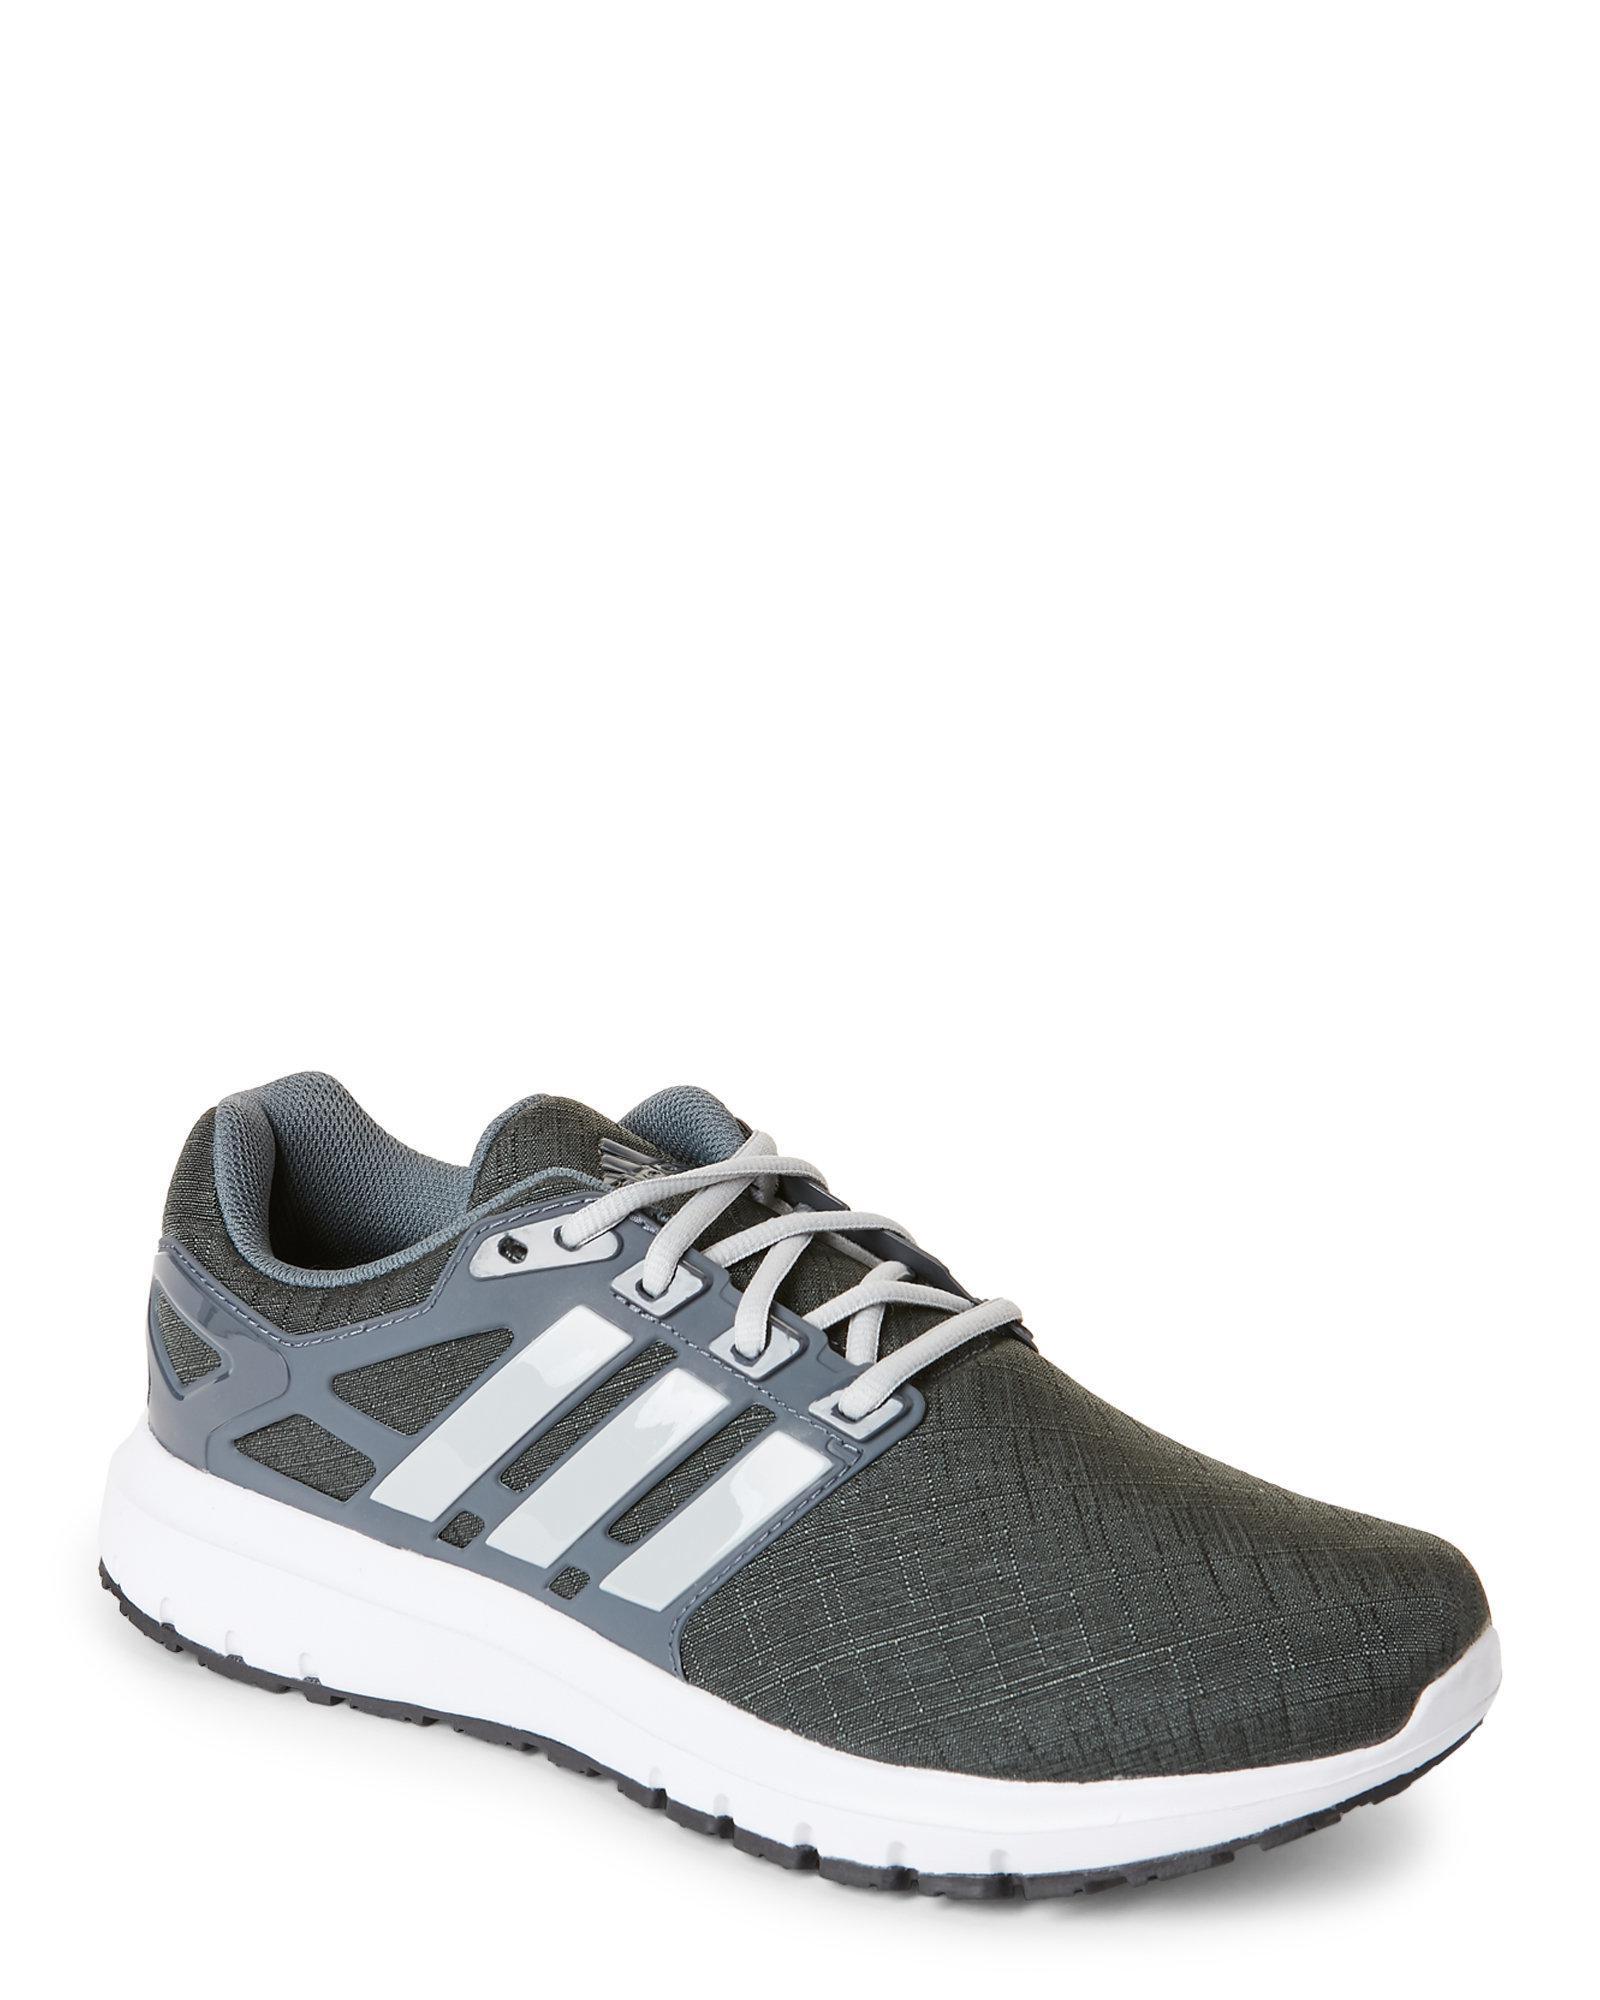 lyst adidas onyx grey nuvola di energia in scarpe da ginnastica in grigio per gli uomini.